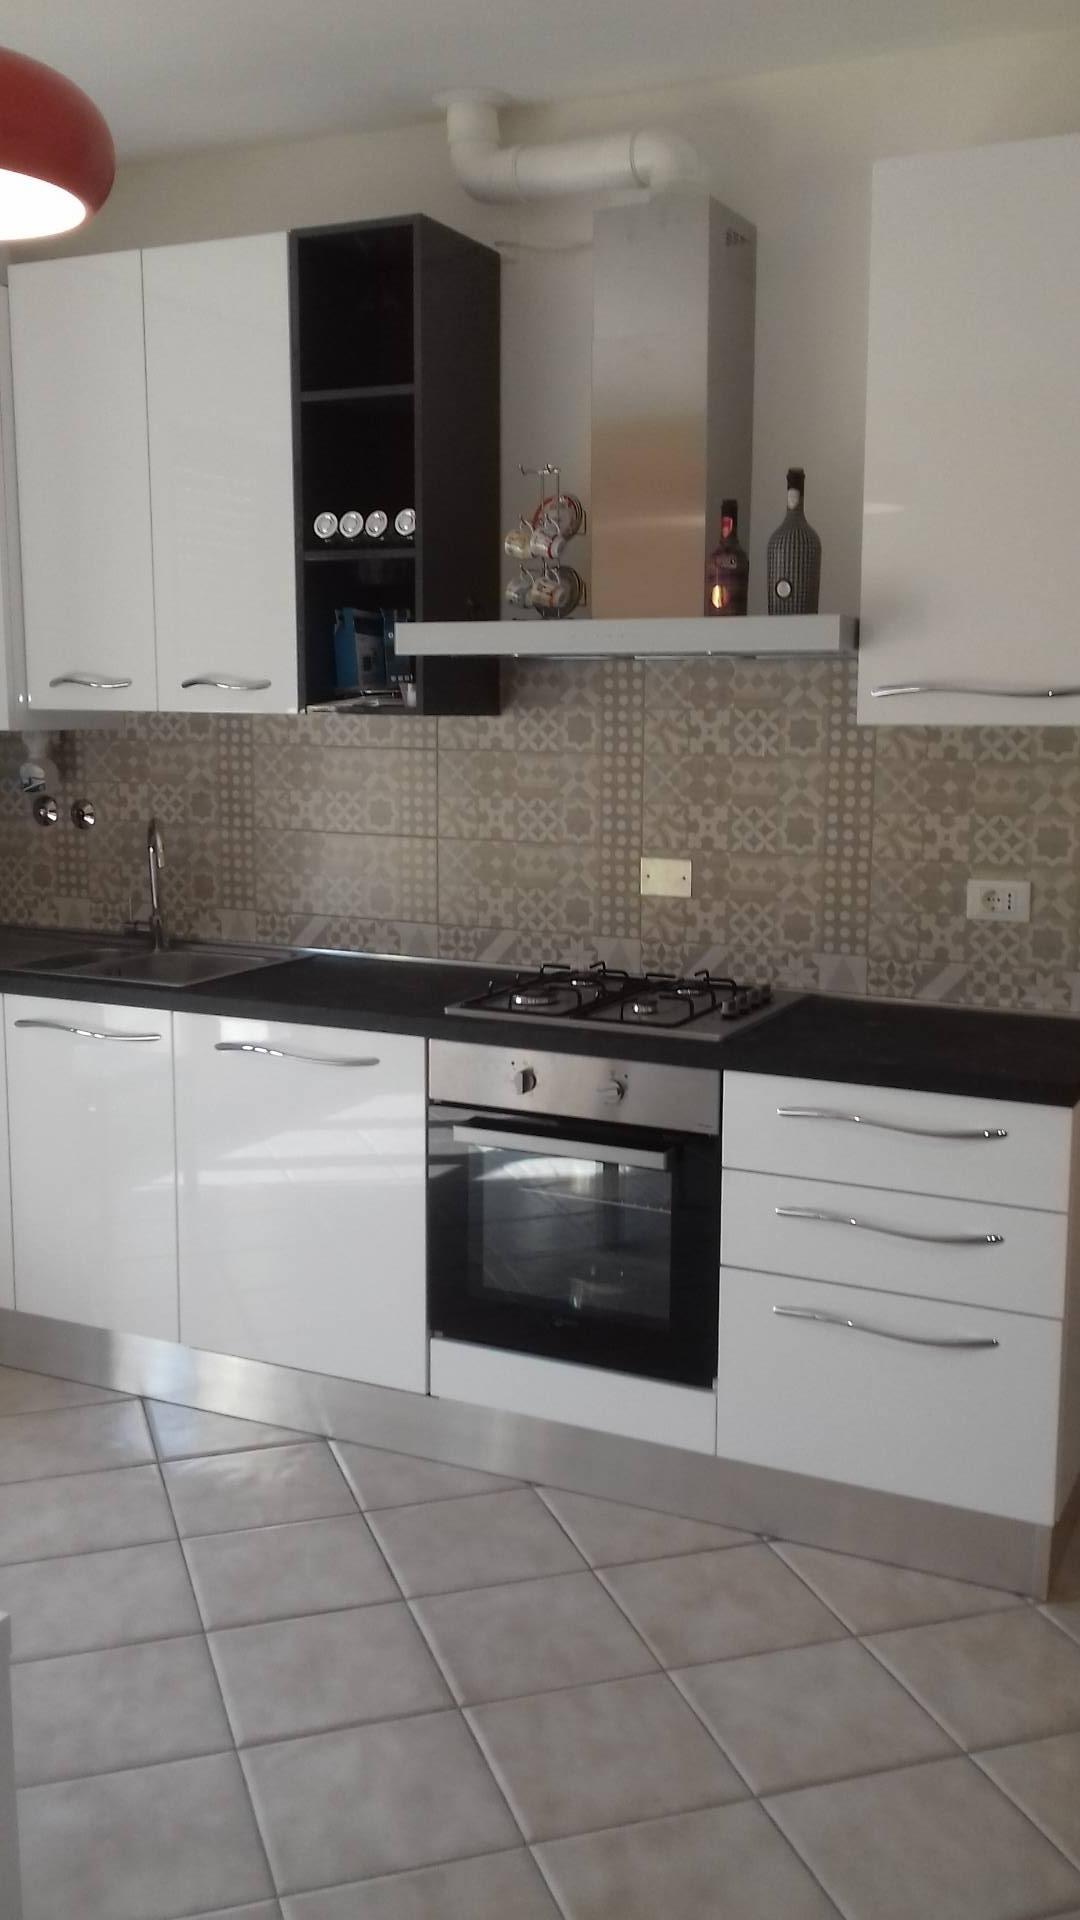 Appartamento in affitto a Massa Lombarda, 3 locali, zona Località: MassaLombarda, prezzo € 500 | CambioCasa.it